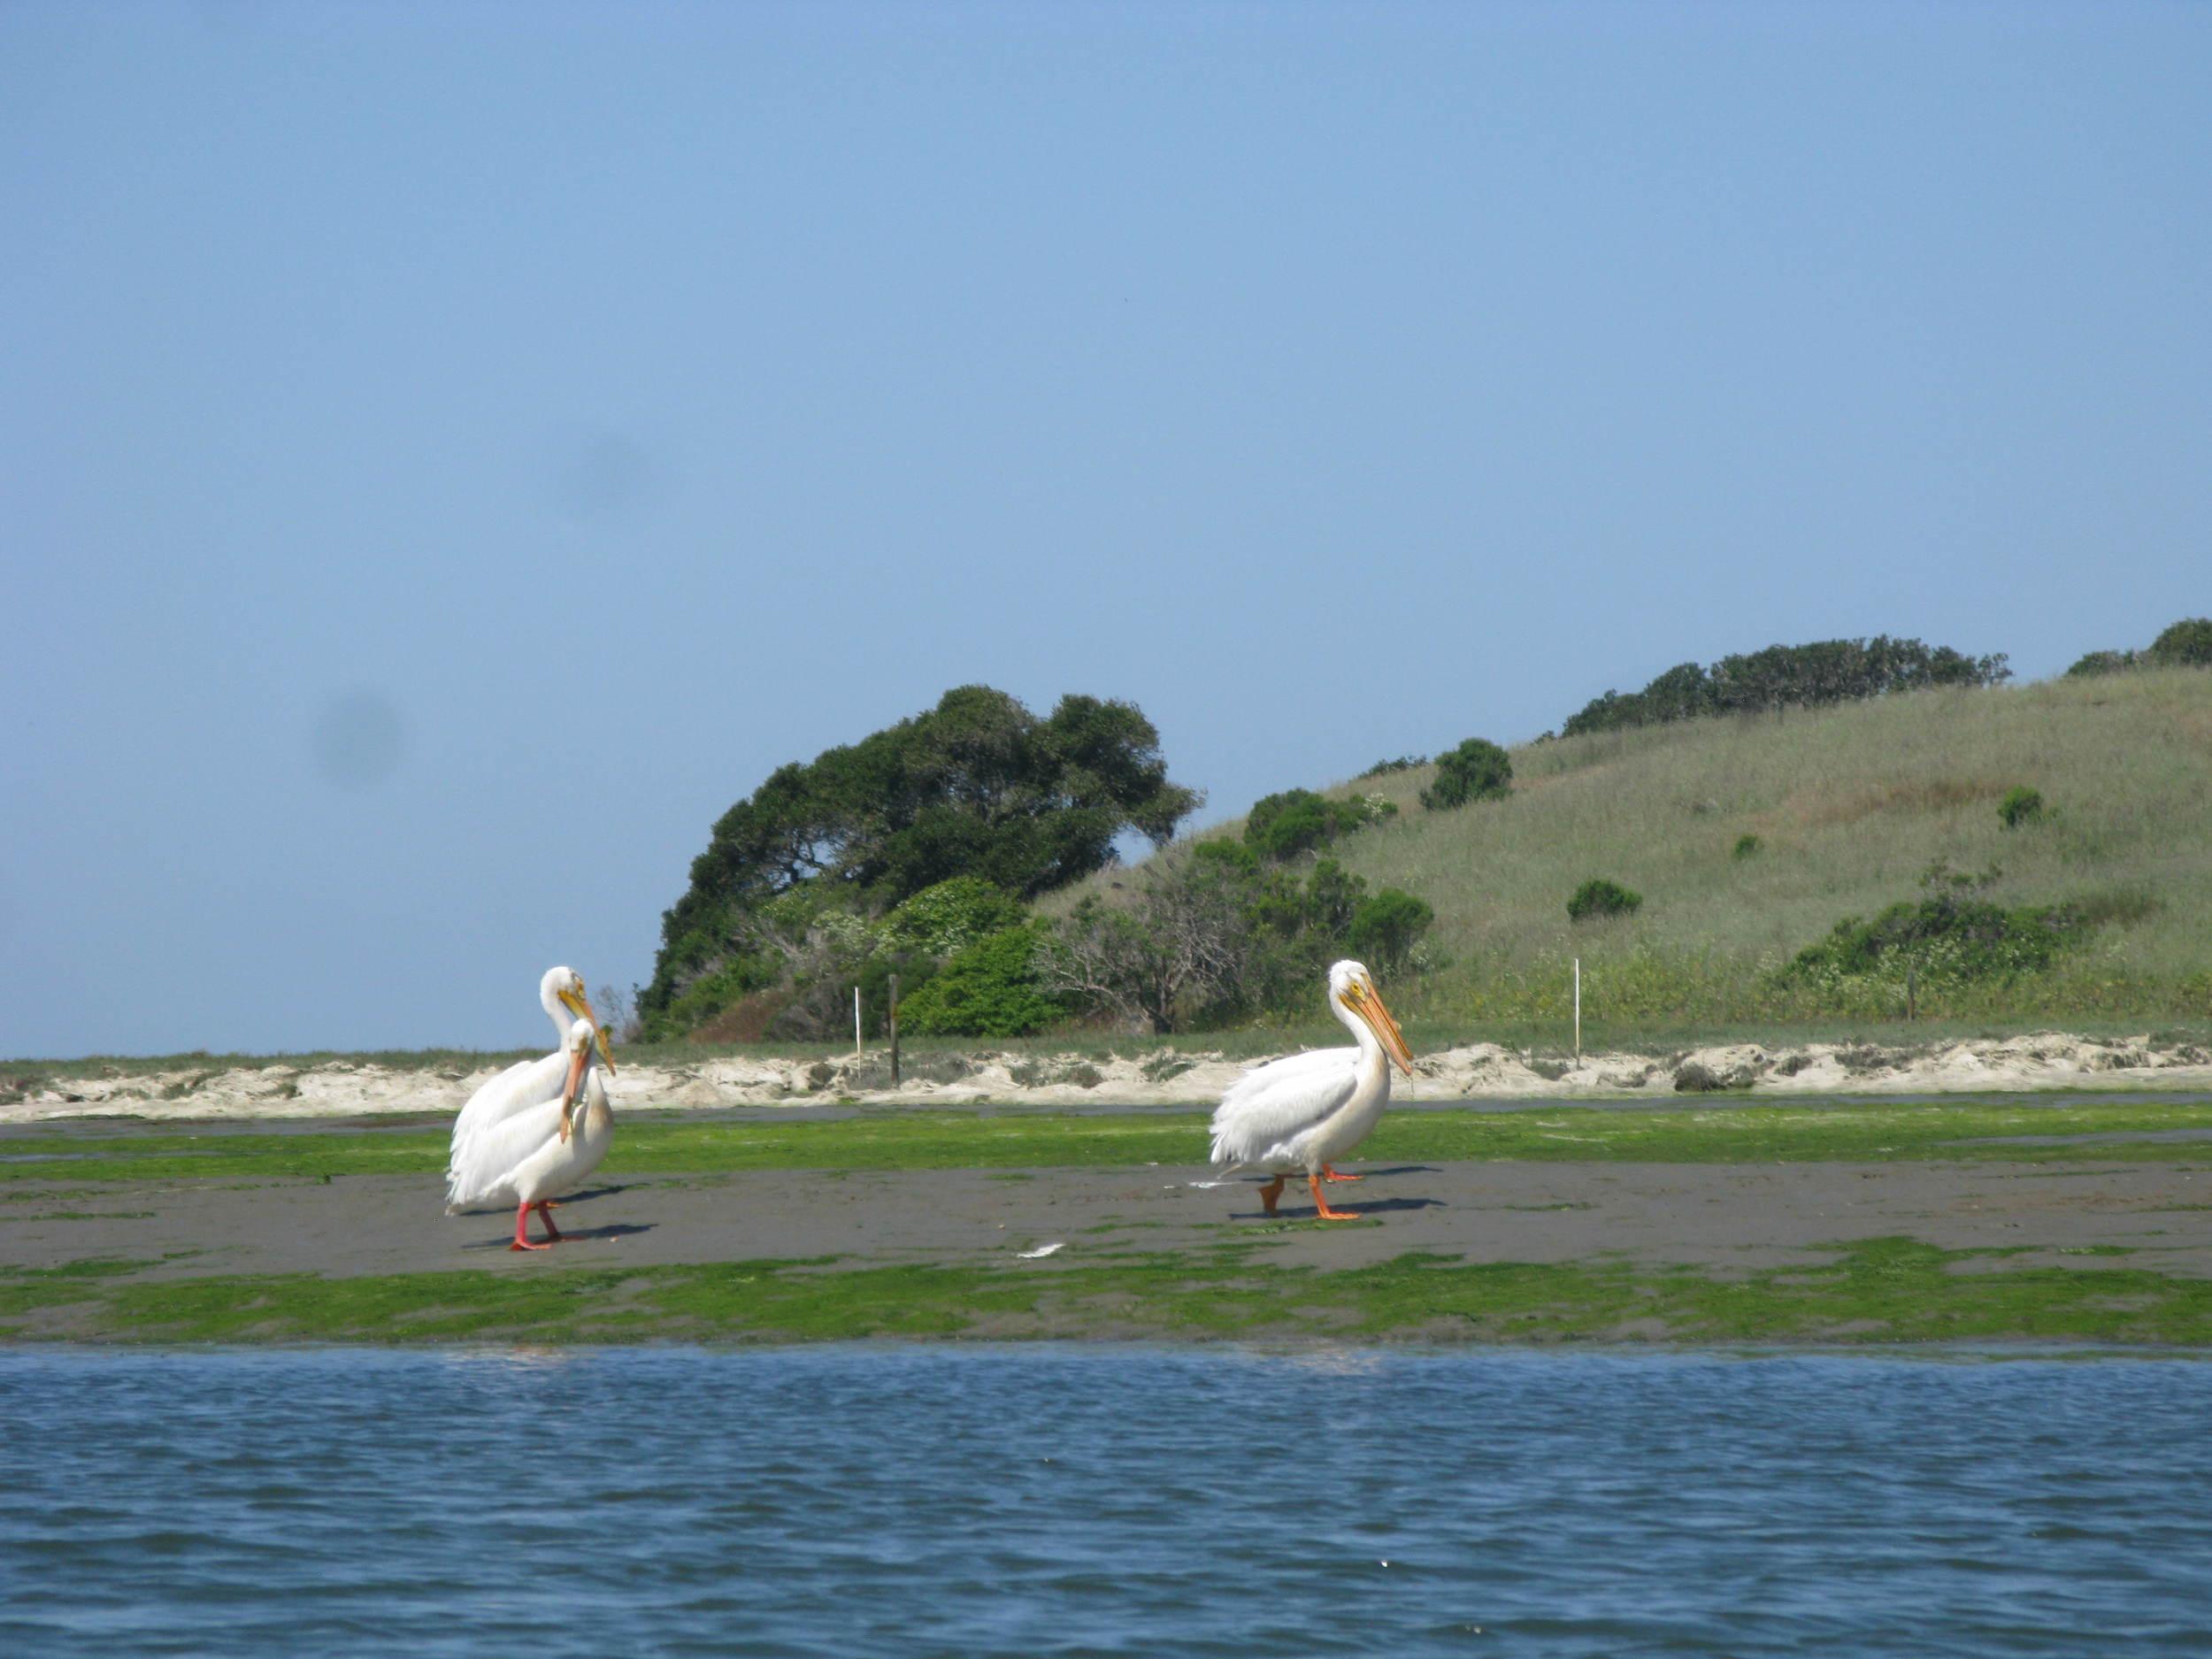 Pelicans around Carmel, California.